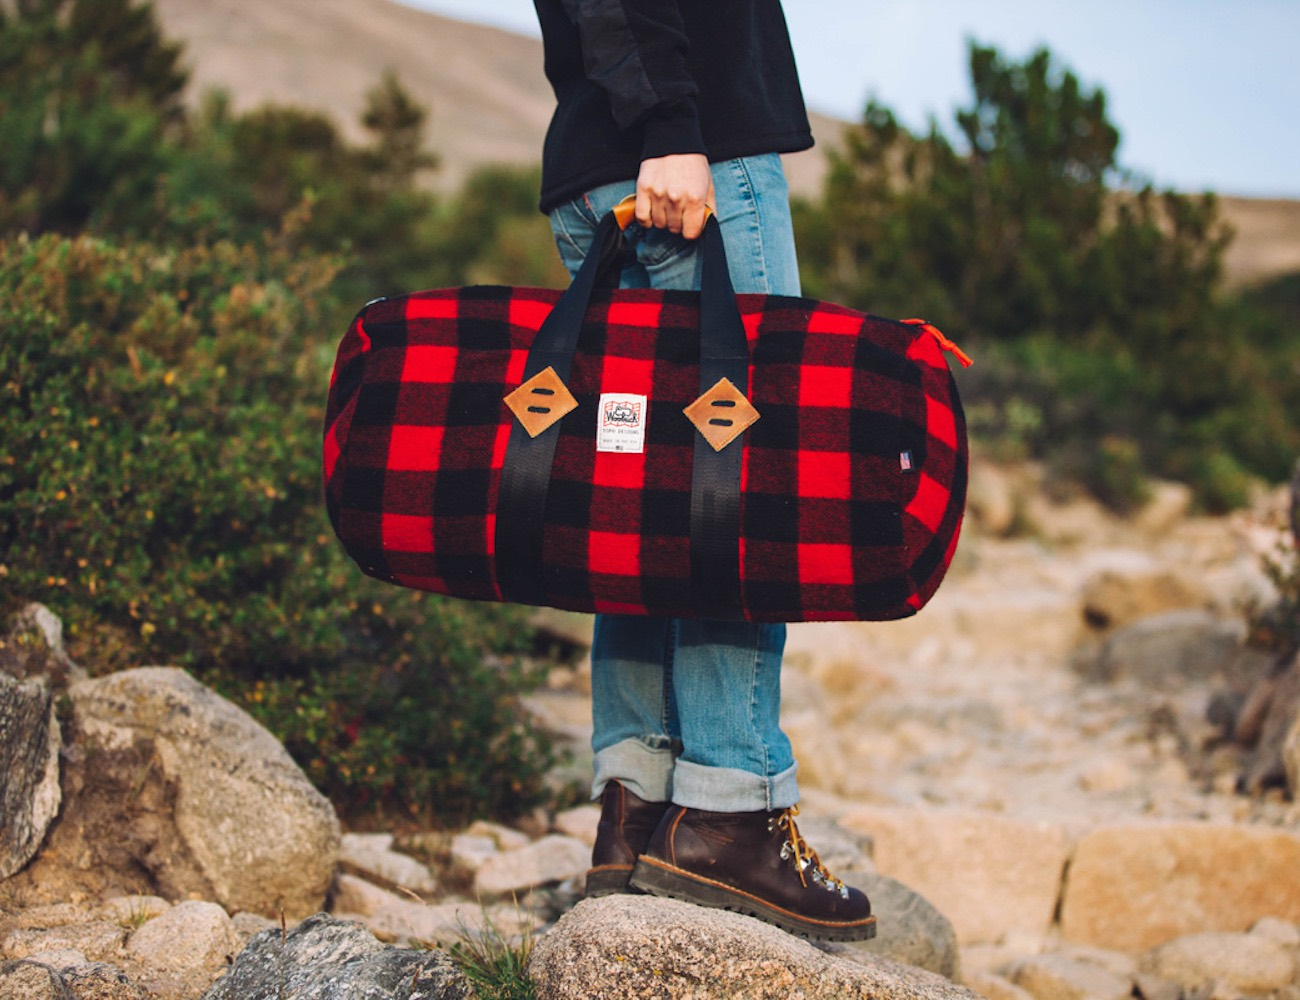 TOPO+Designs+X+Woolrich+Duffle+Bag